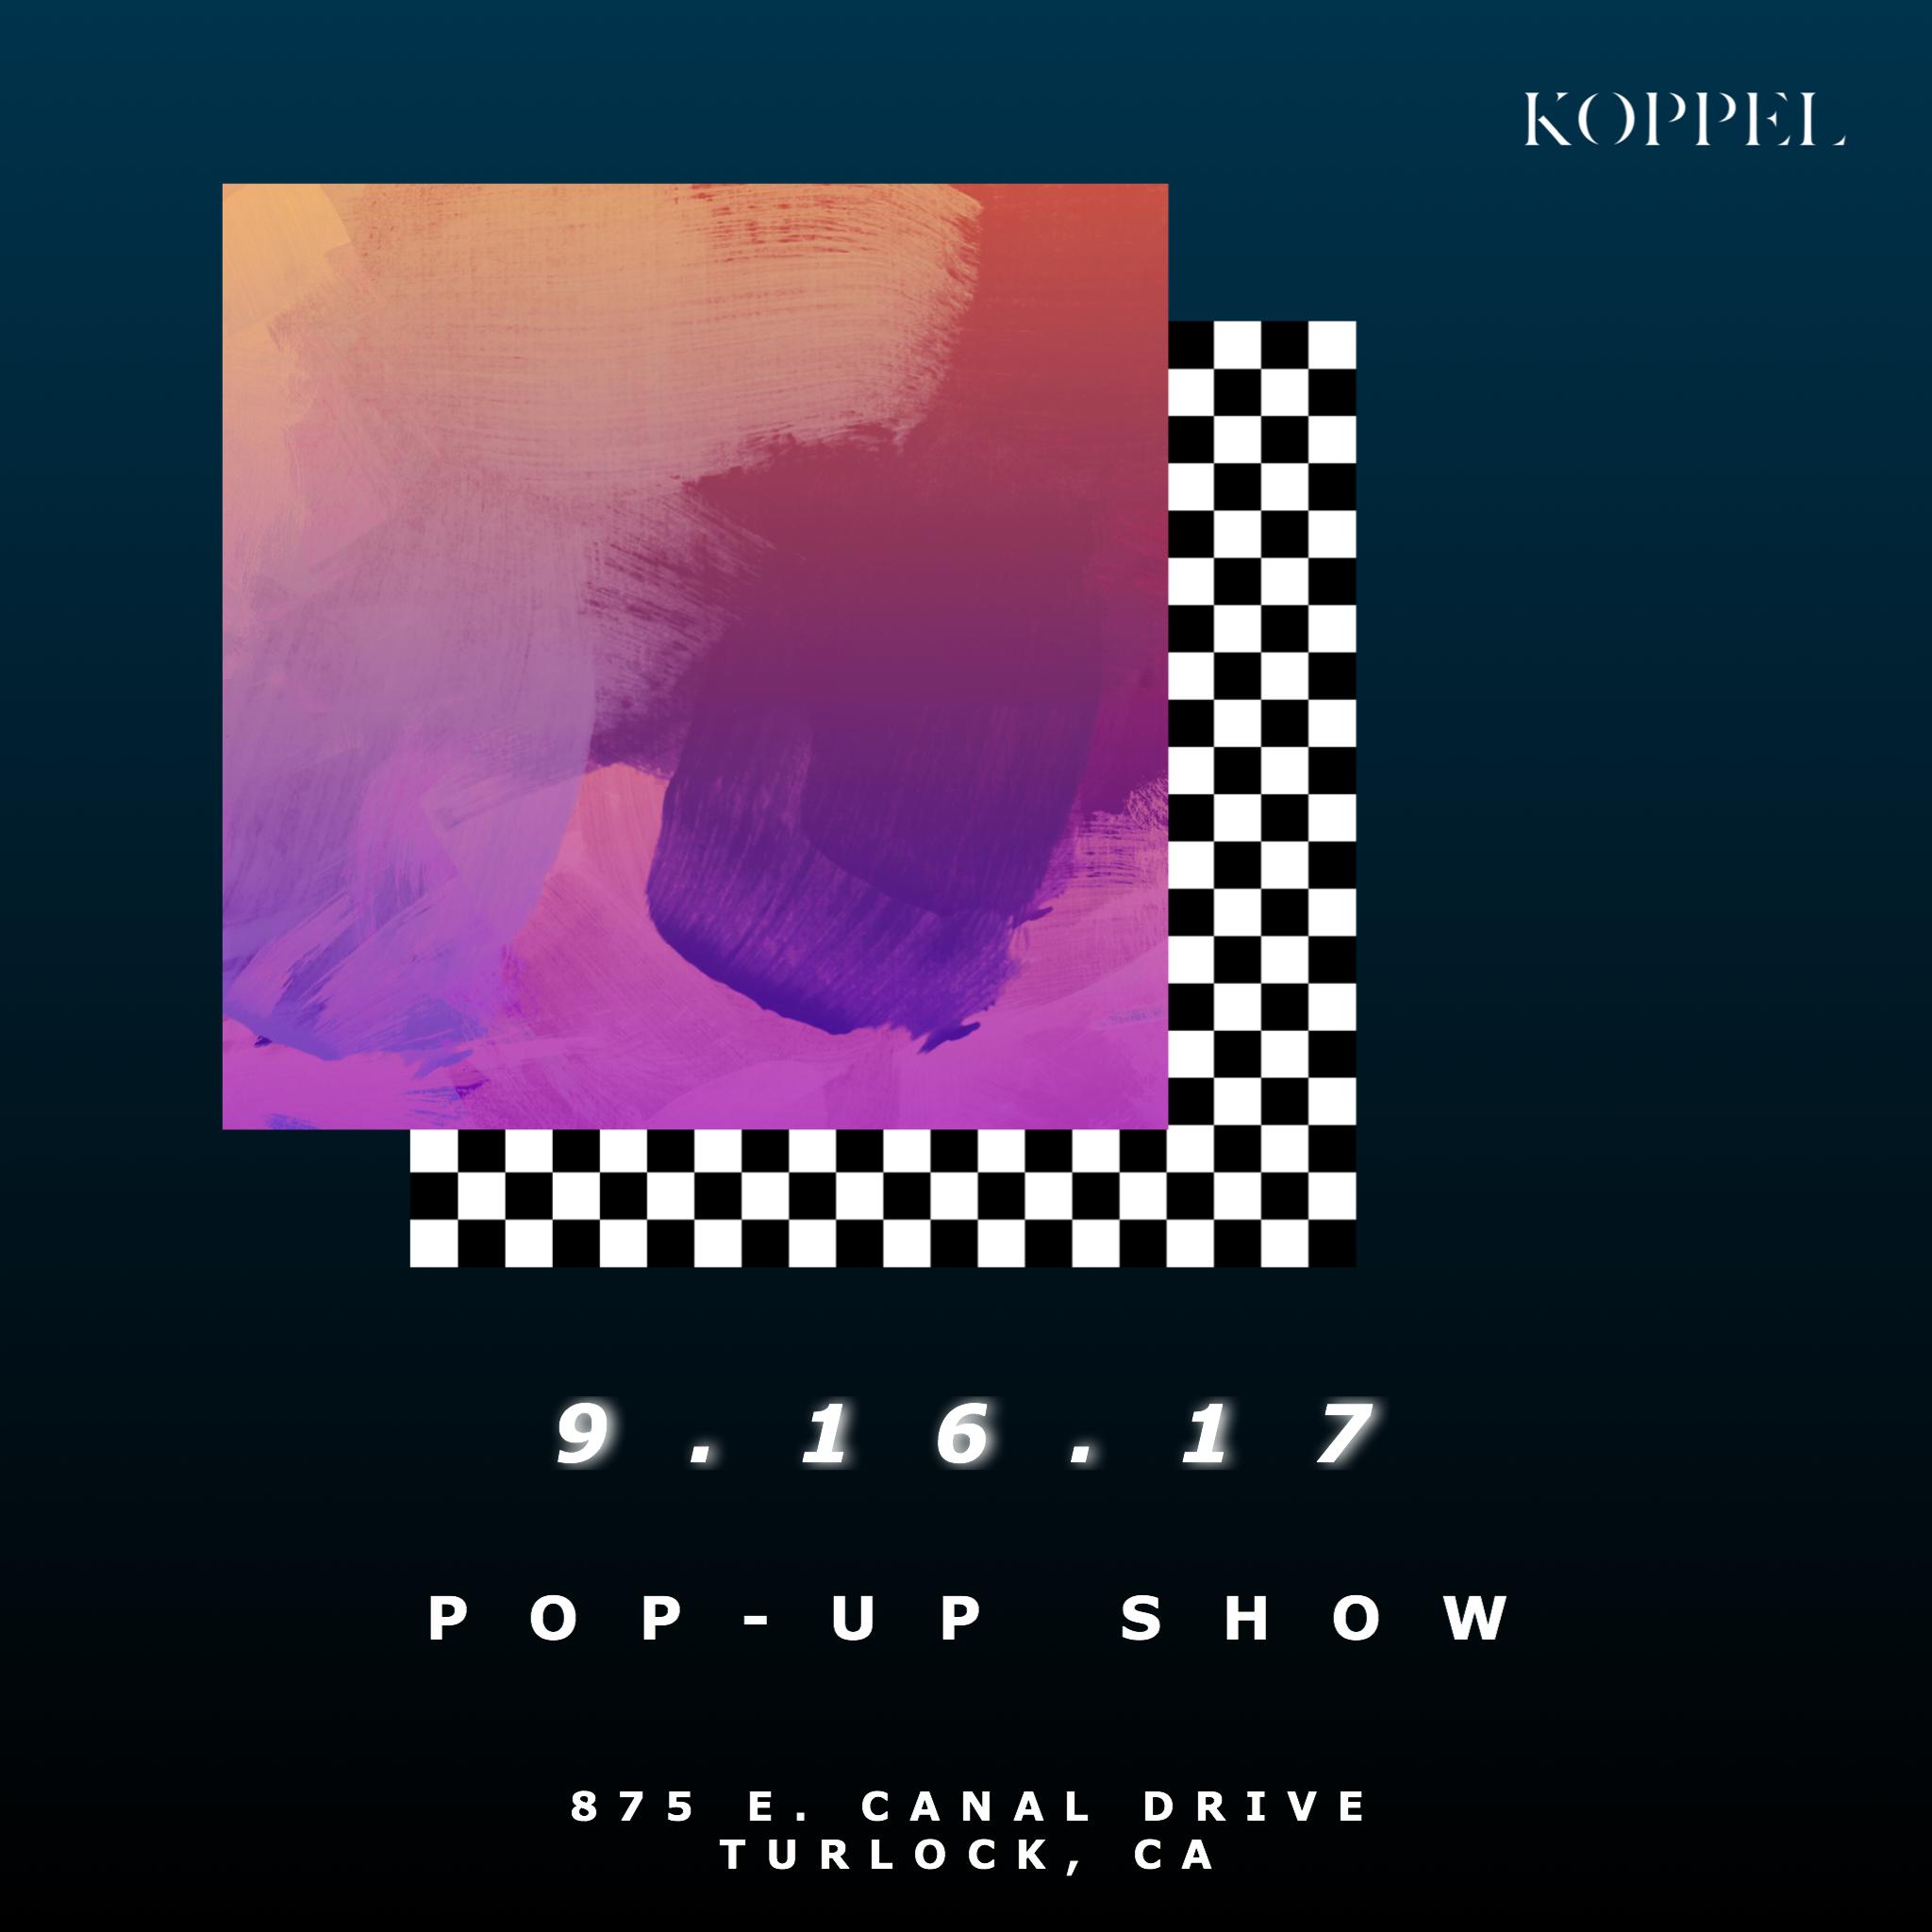 Pop Up AD Koppel Show.JPG